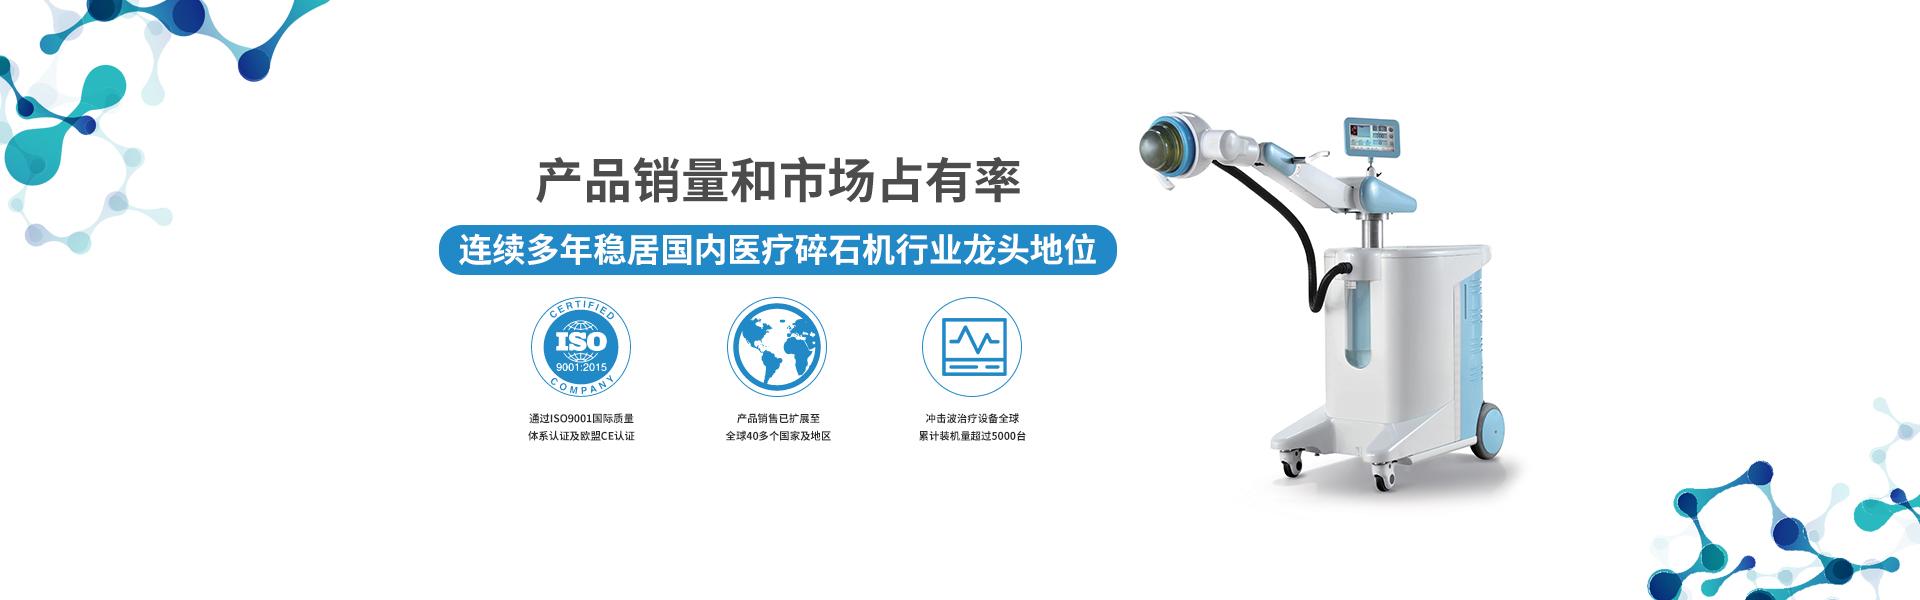 深圳市慧康醫療器械有限公司